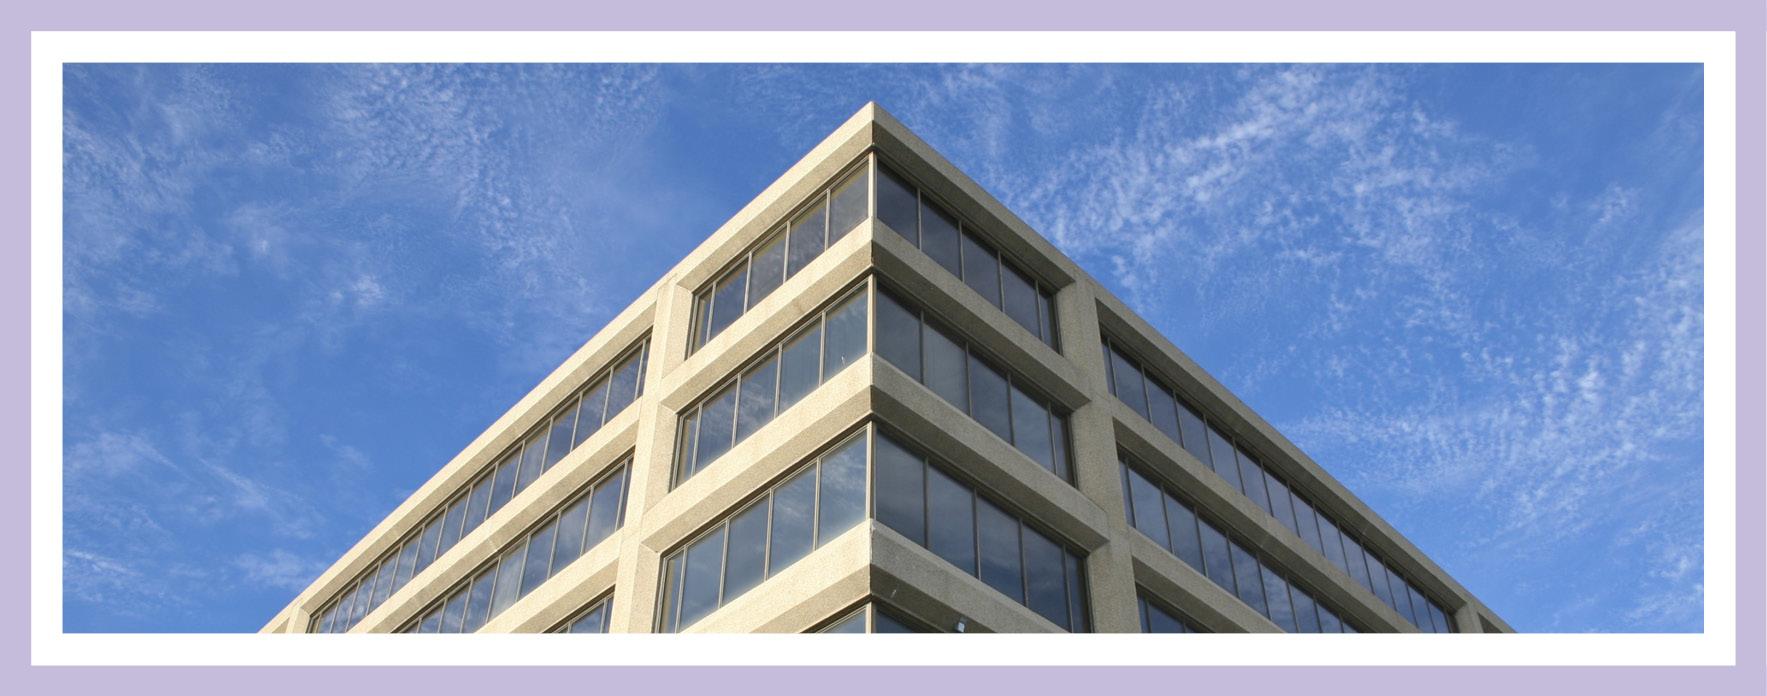 Gewerbefläche in Wohnraum umwandeln: Bild eines Bürogebäude